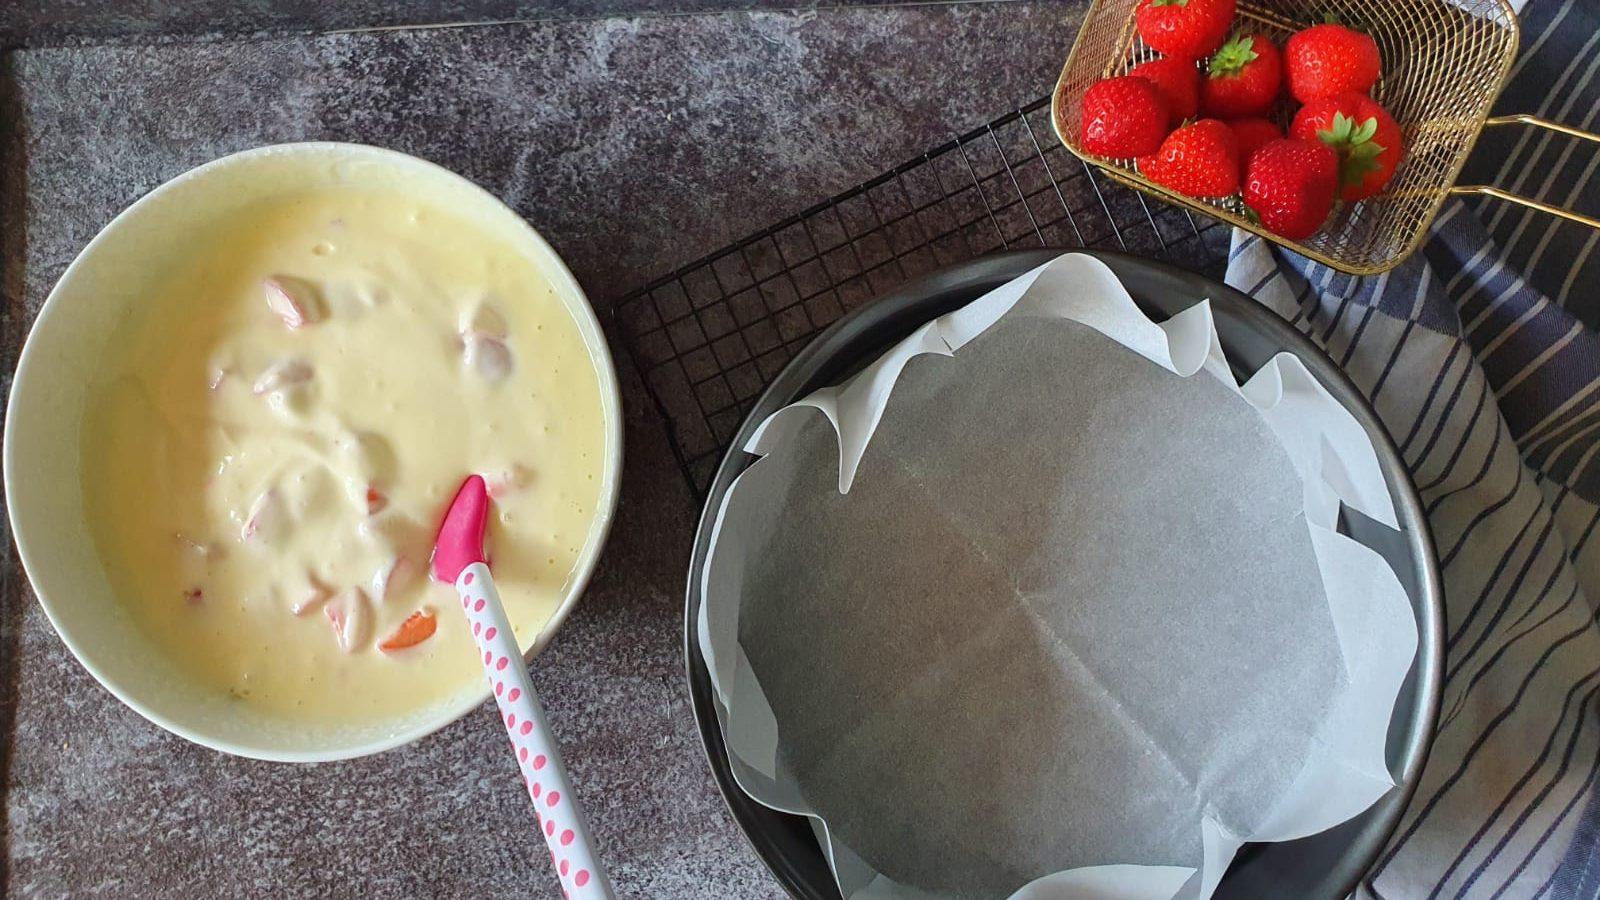 Skyrkuchen mit Erdbeeren 0 Punkte Weight Wachters